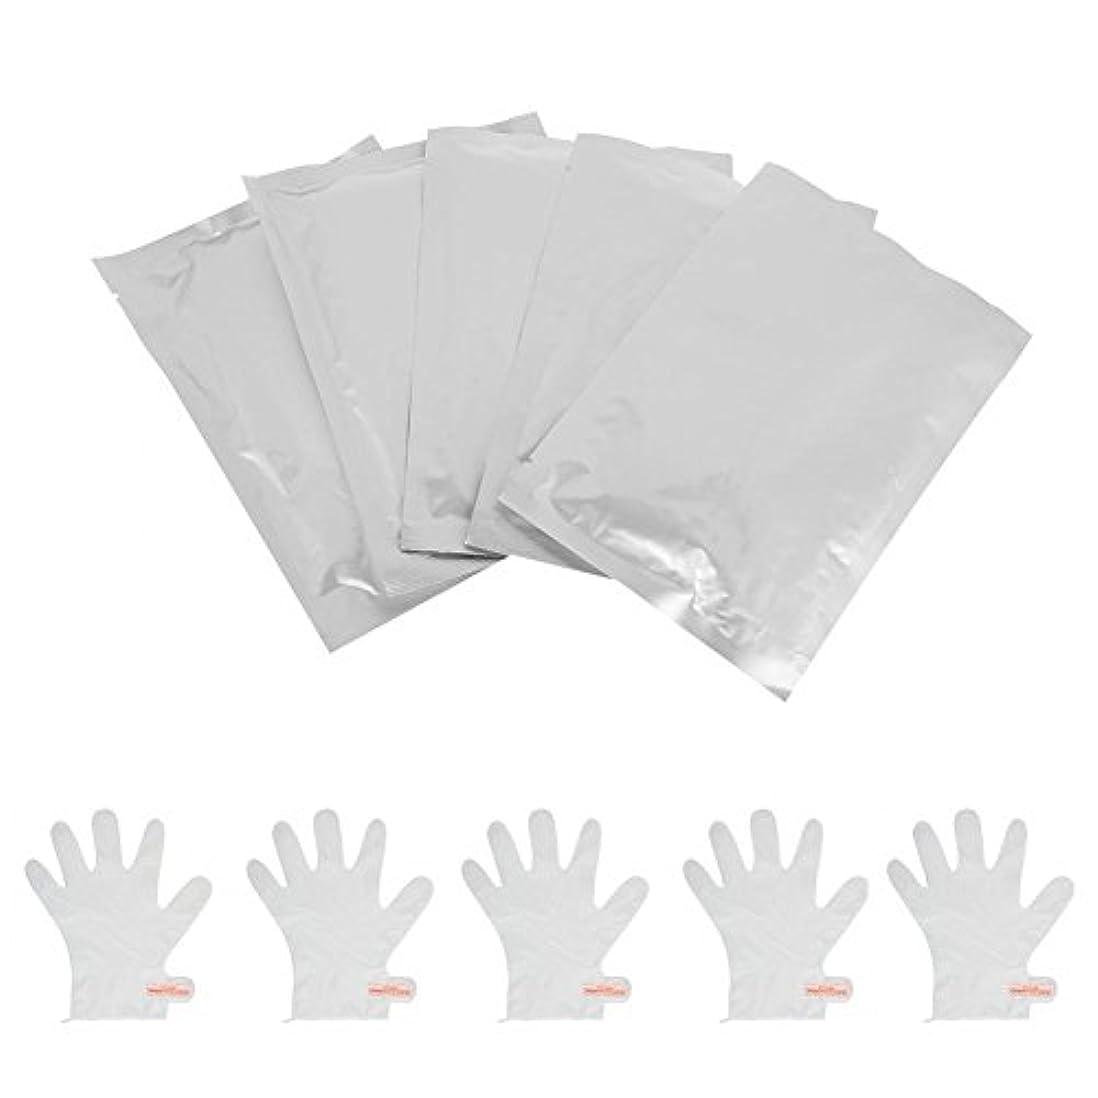 取得ケニア懐疑的Ochun ハンドマスク ハンドパック しっとり 保湿ケア 手荒れを防ぐ 乾燥の季節に適用 手袋のようにはめるだけ 10枚セット